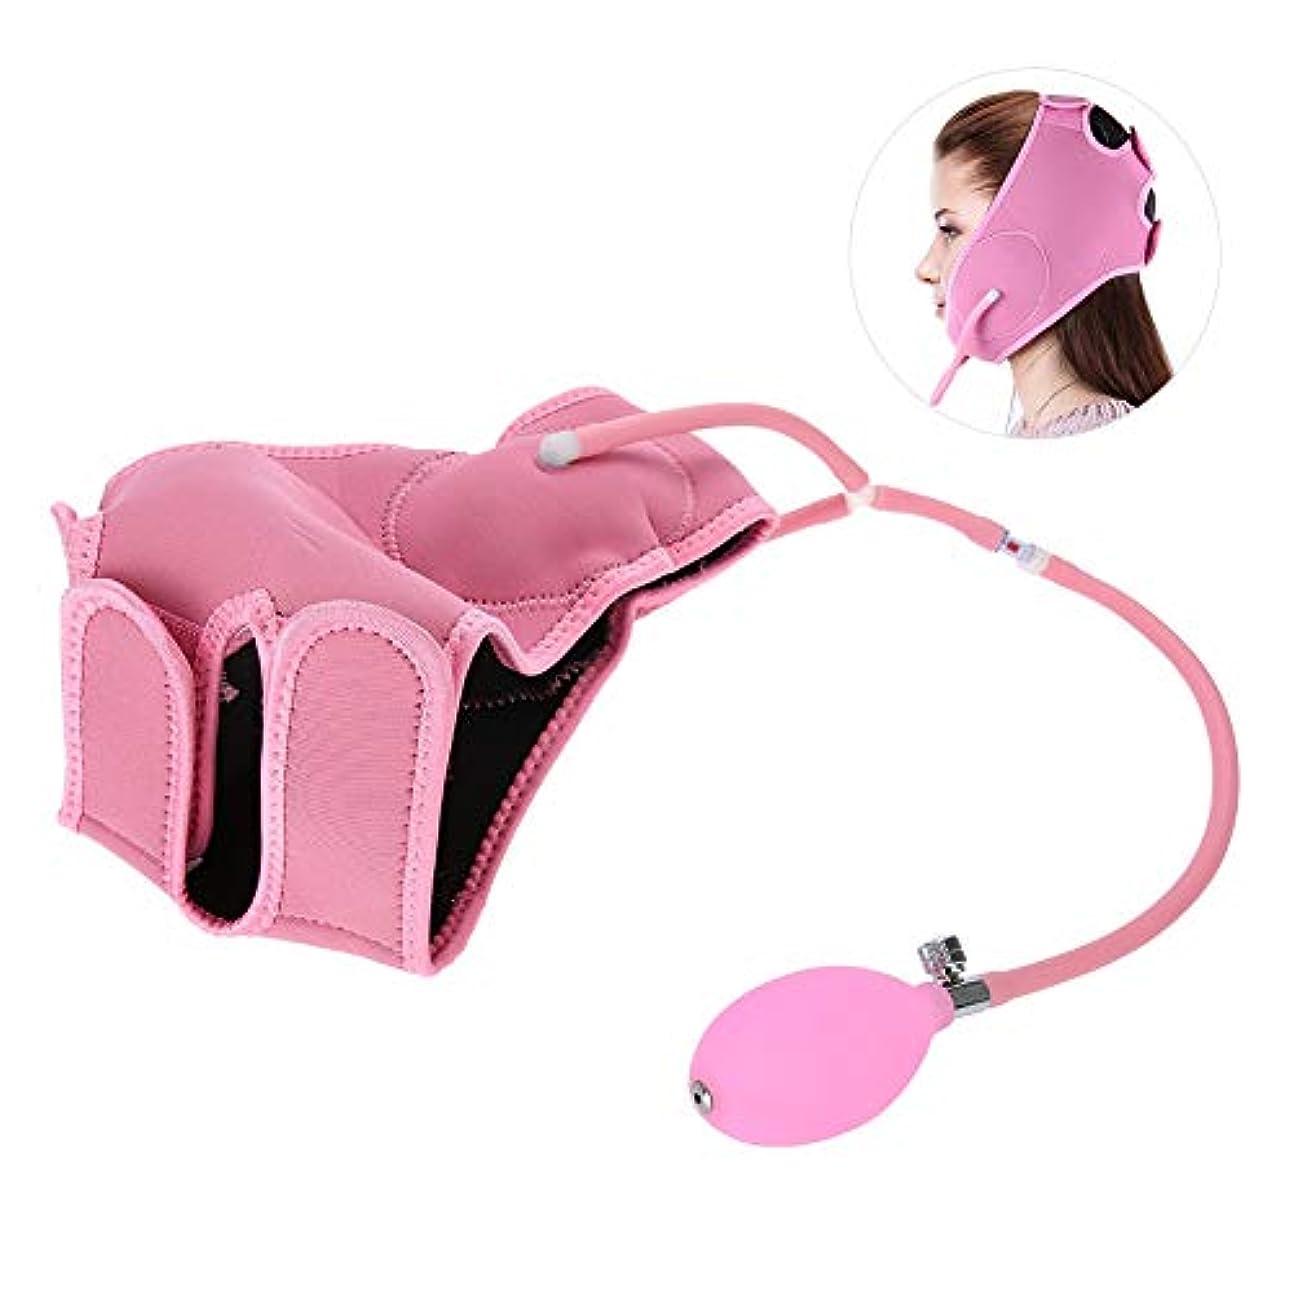 周辺ボットシートエアバッグフェイシャルマスク - フェイスマッサージベルト - 包帯/薄いフェイスベルト - 美容ツールピンク